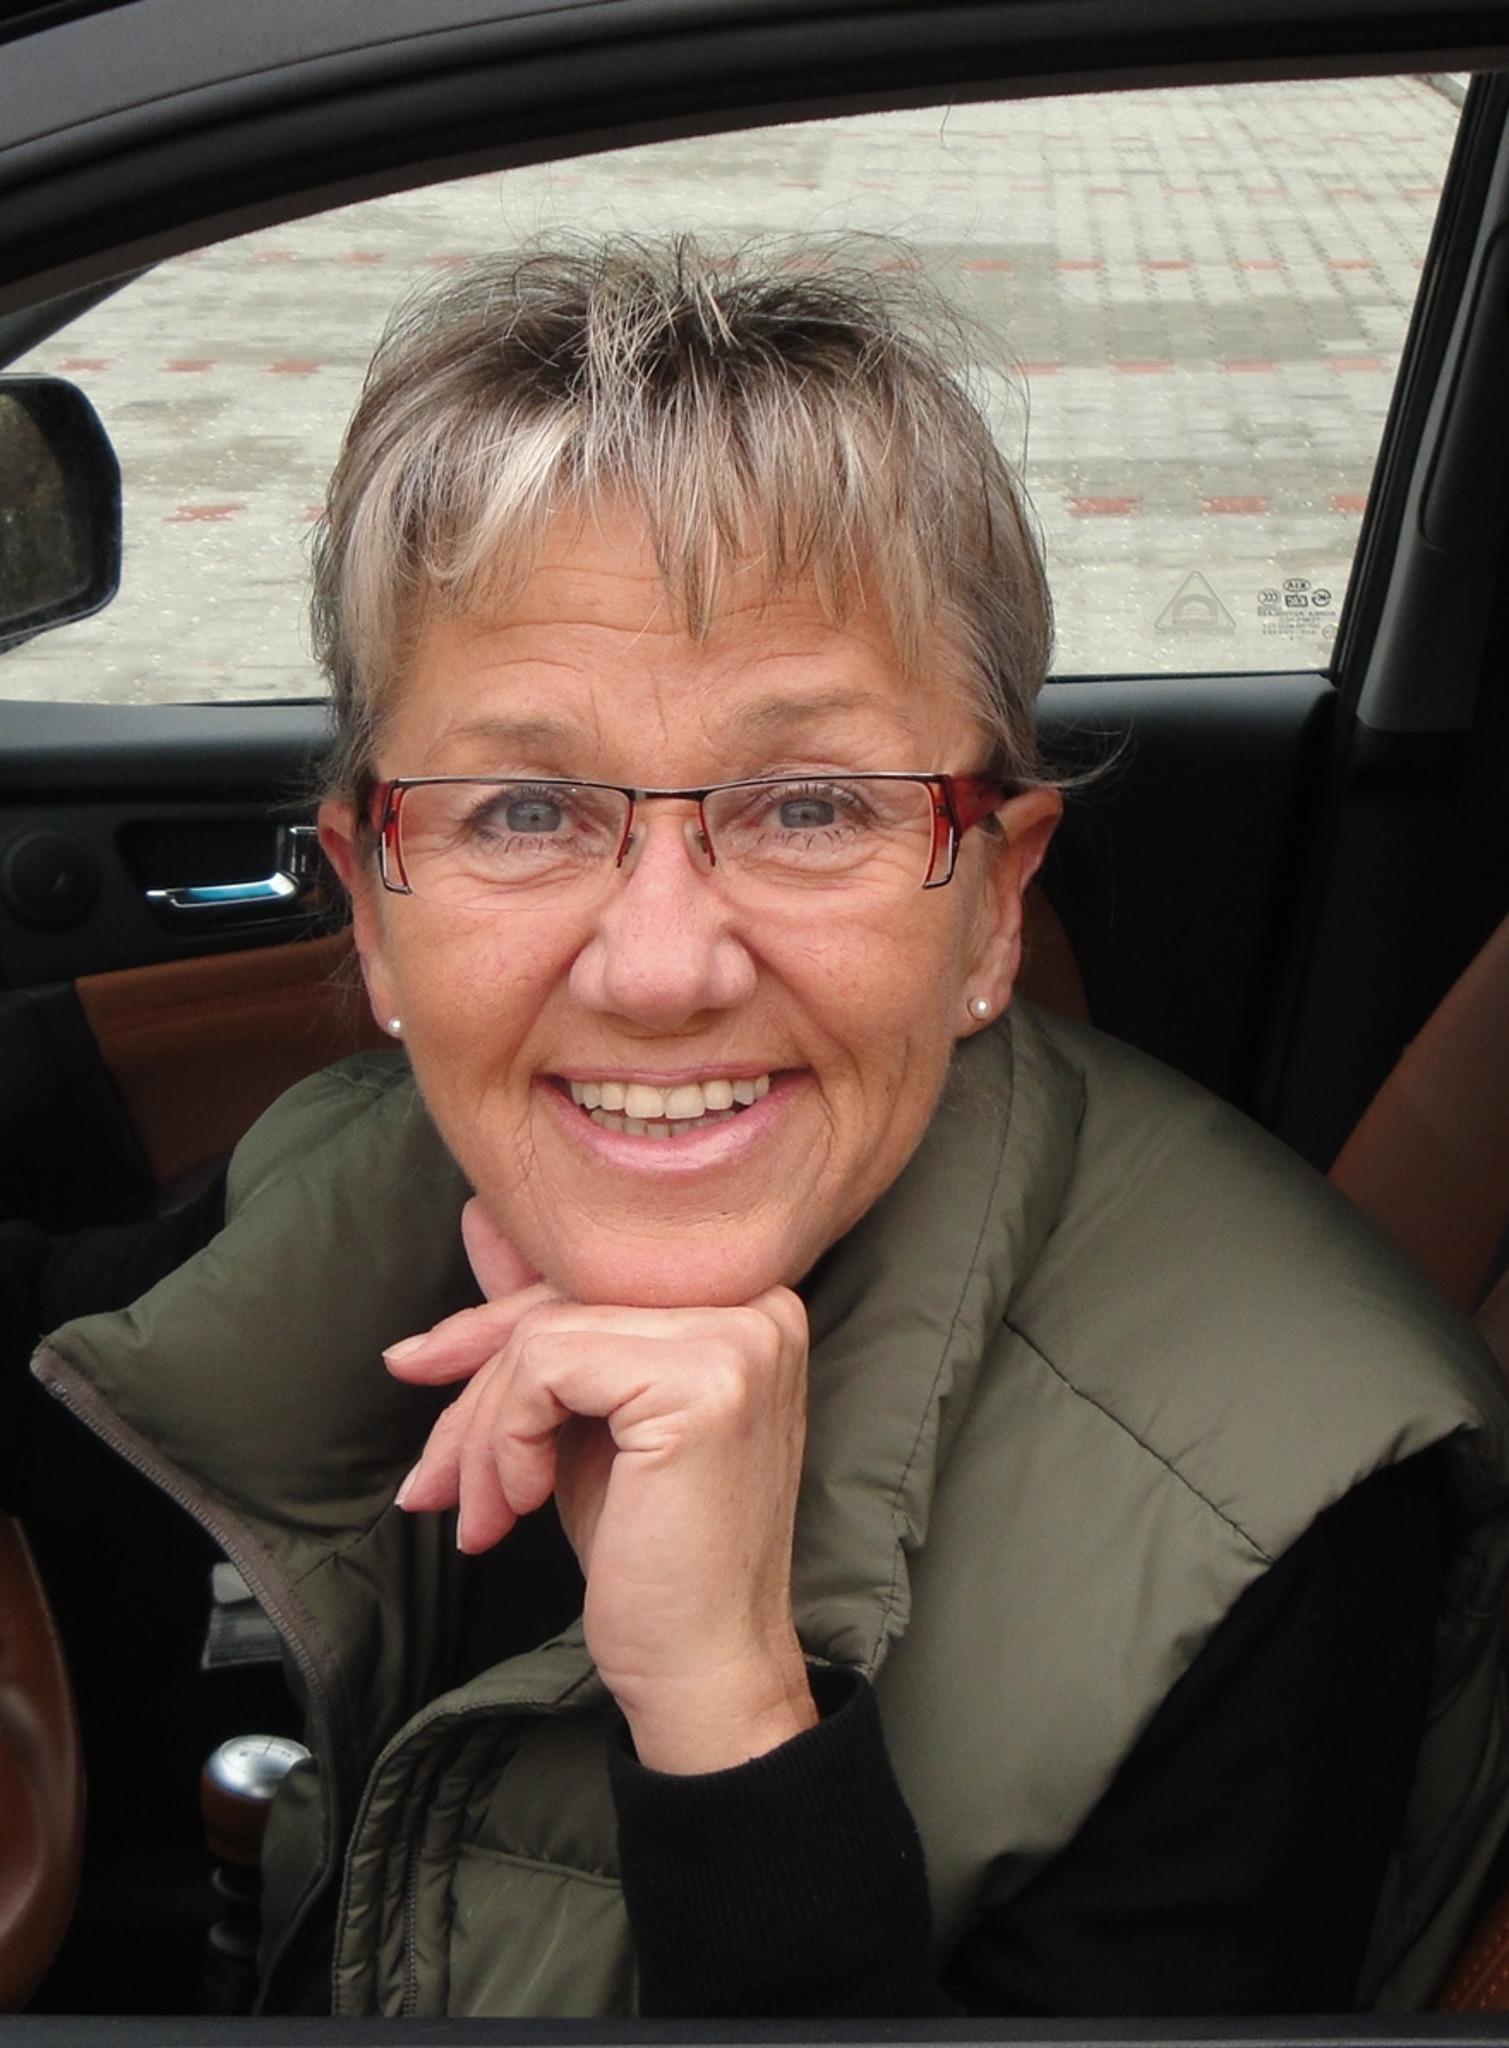 Franziska David aus Vlkermarkt - recognition-software.com